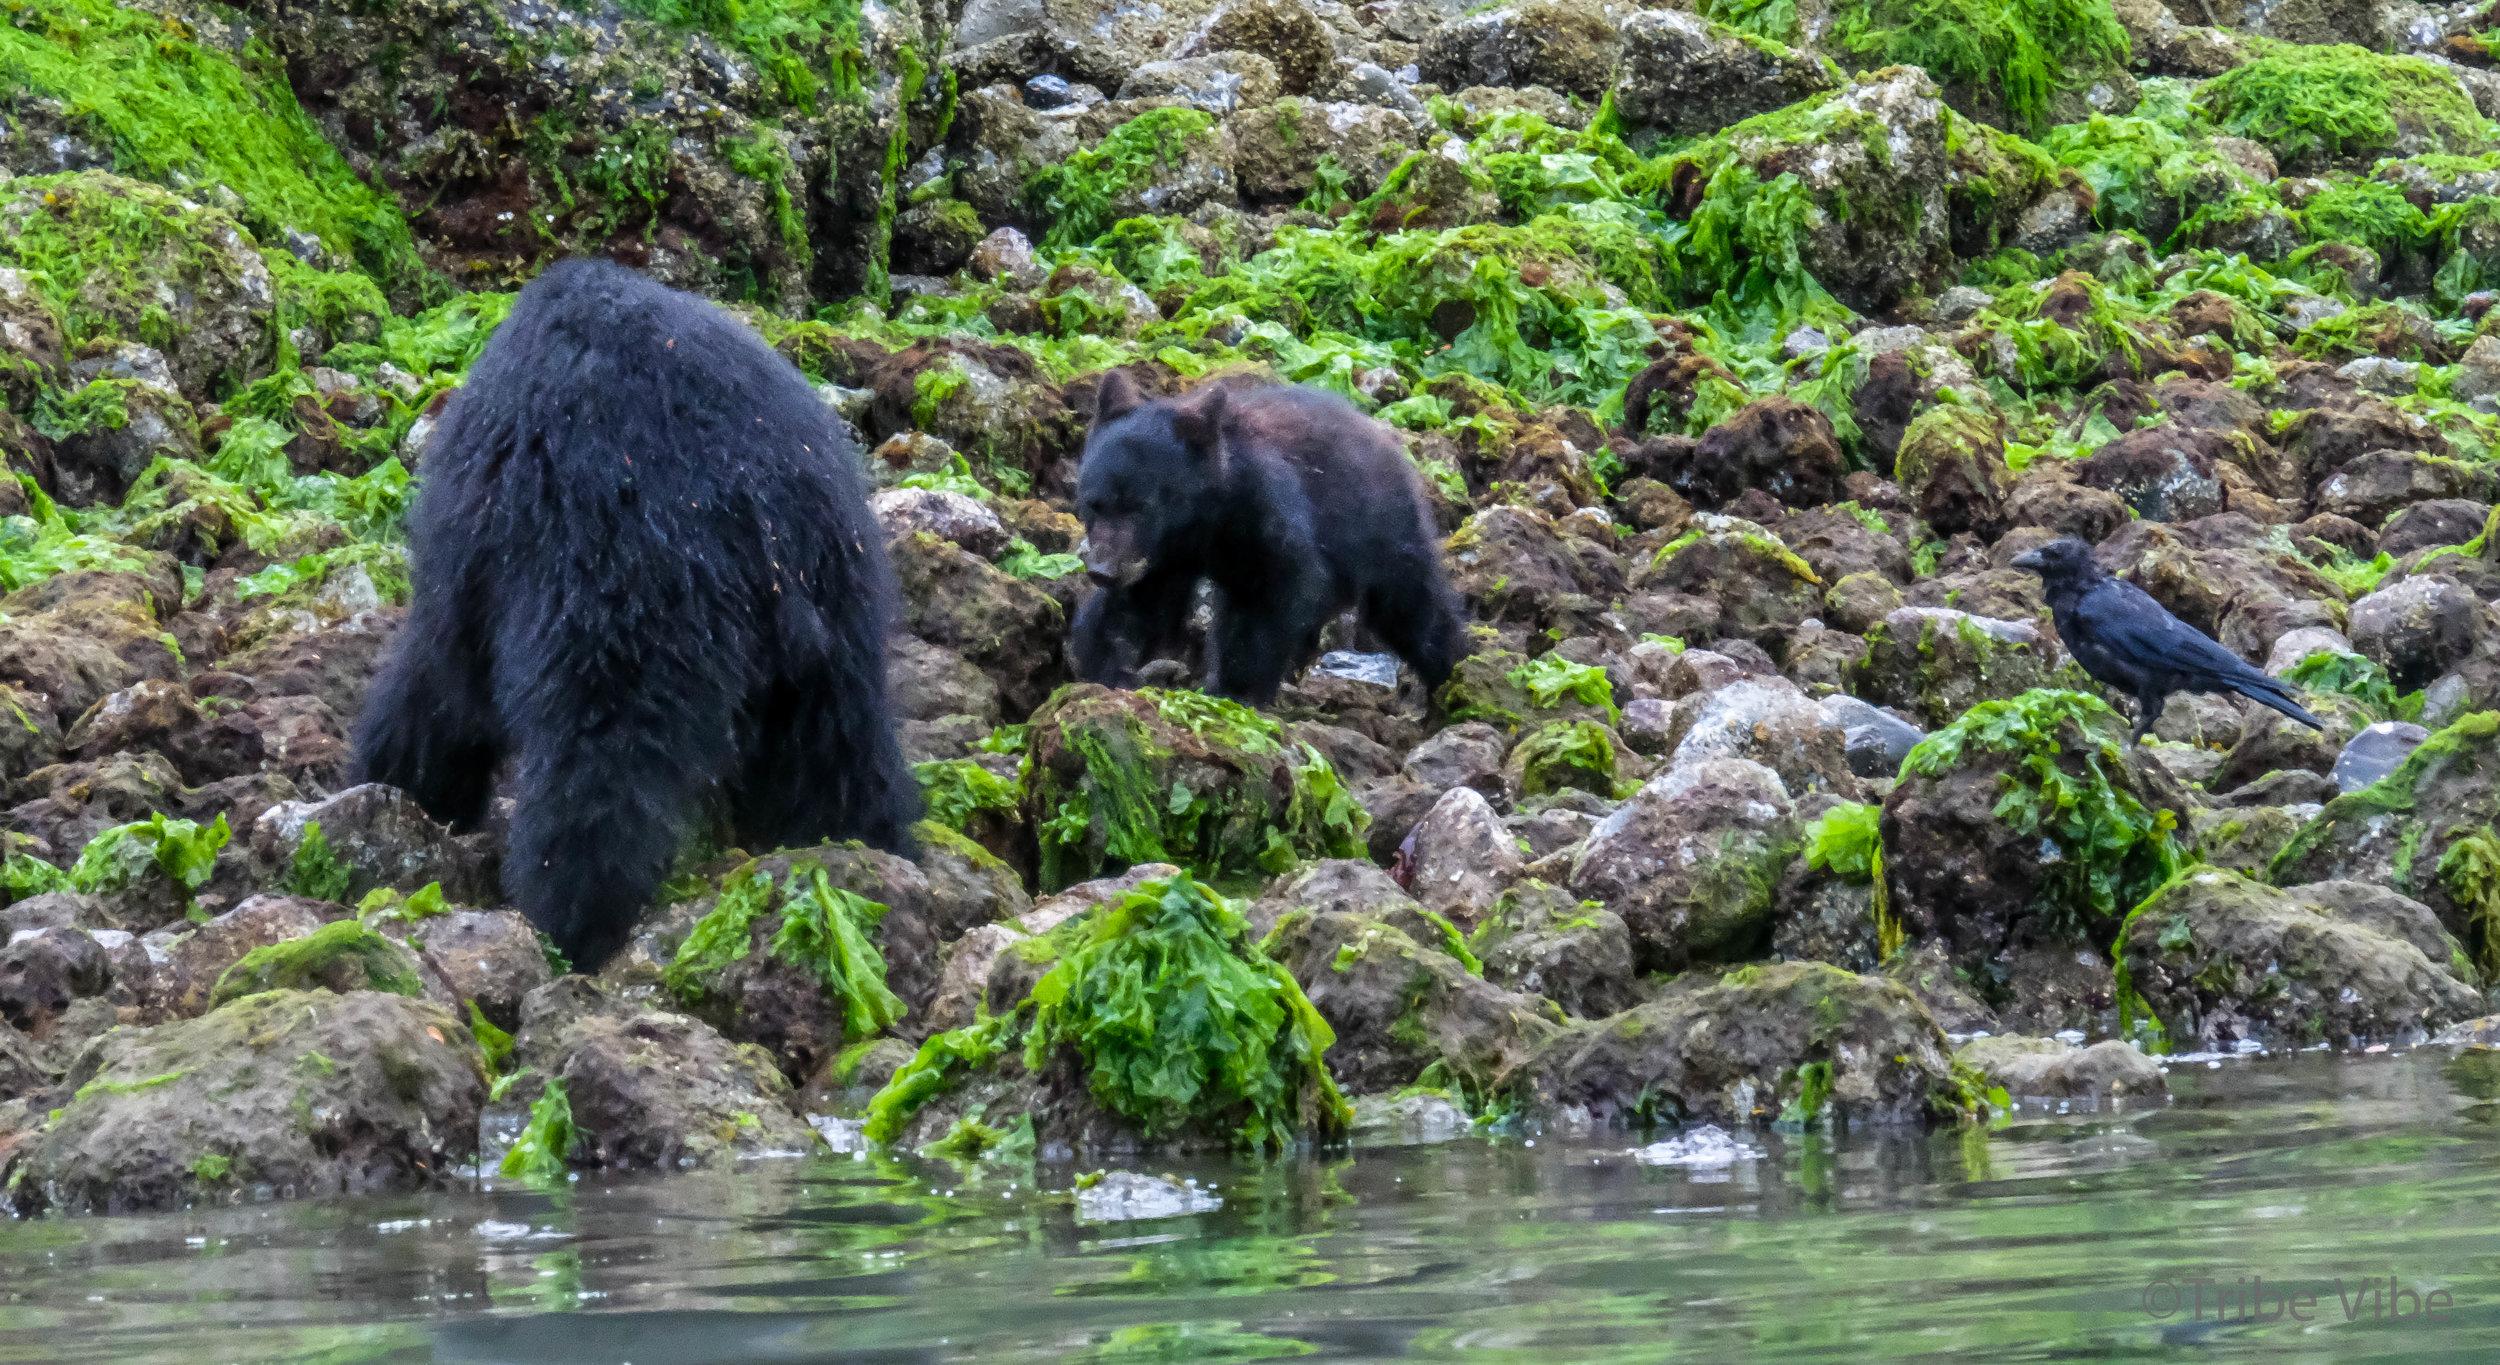 Mama bear and baby bear!